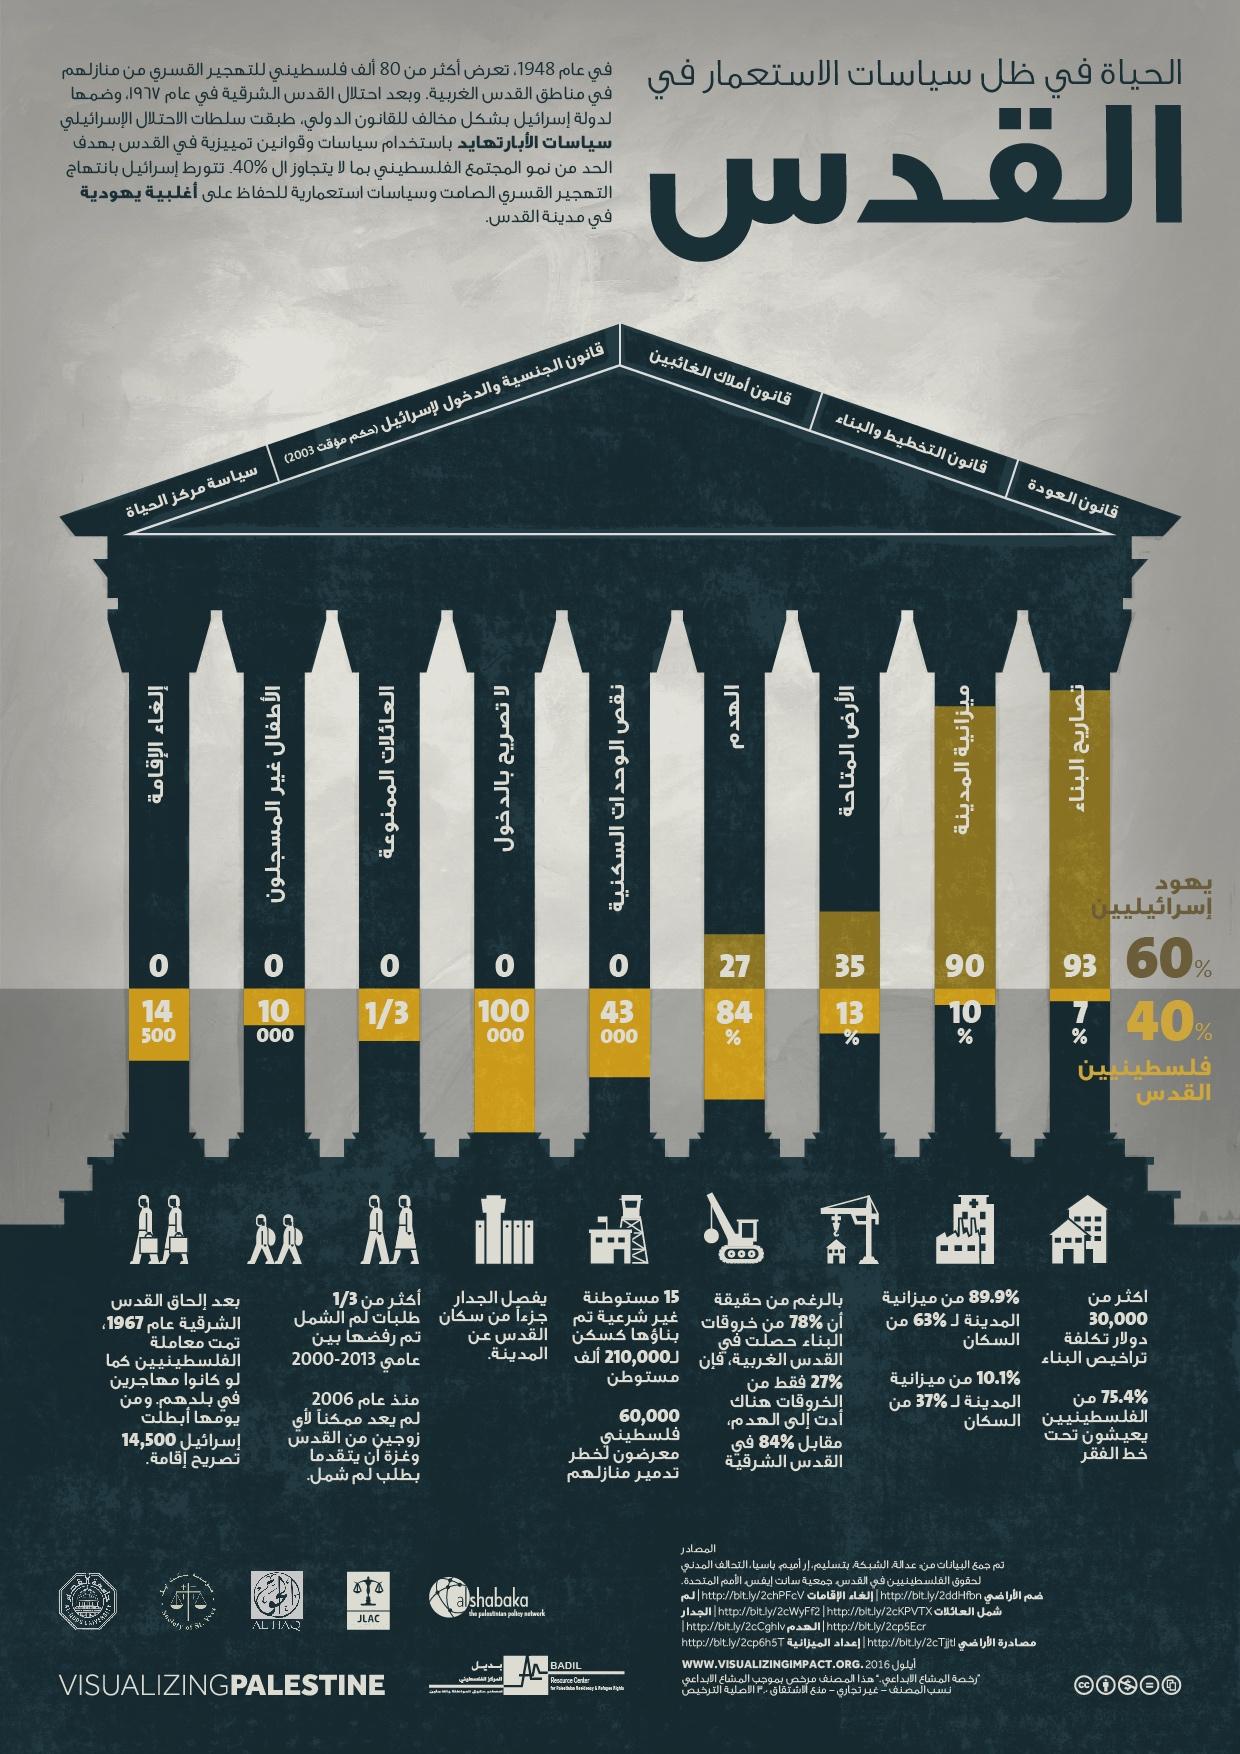 الحياة في ظل سياسات الاستعمار في القدس